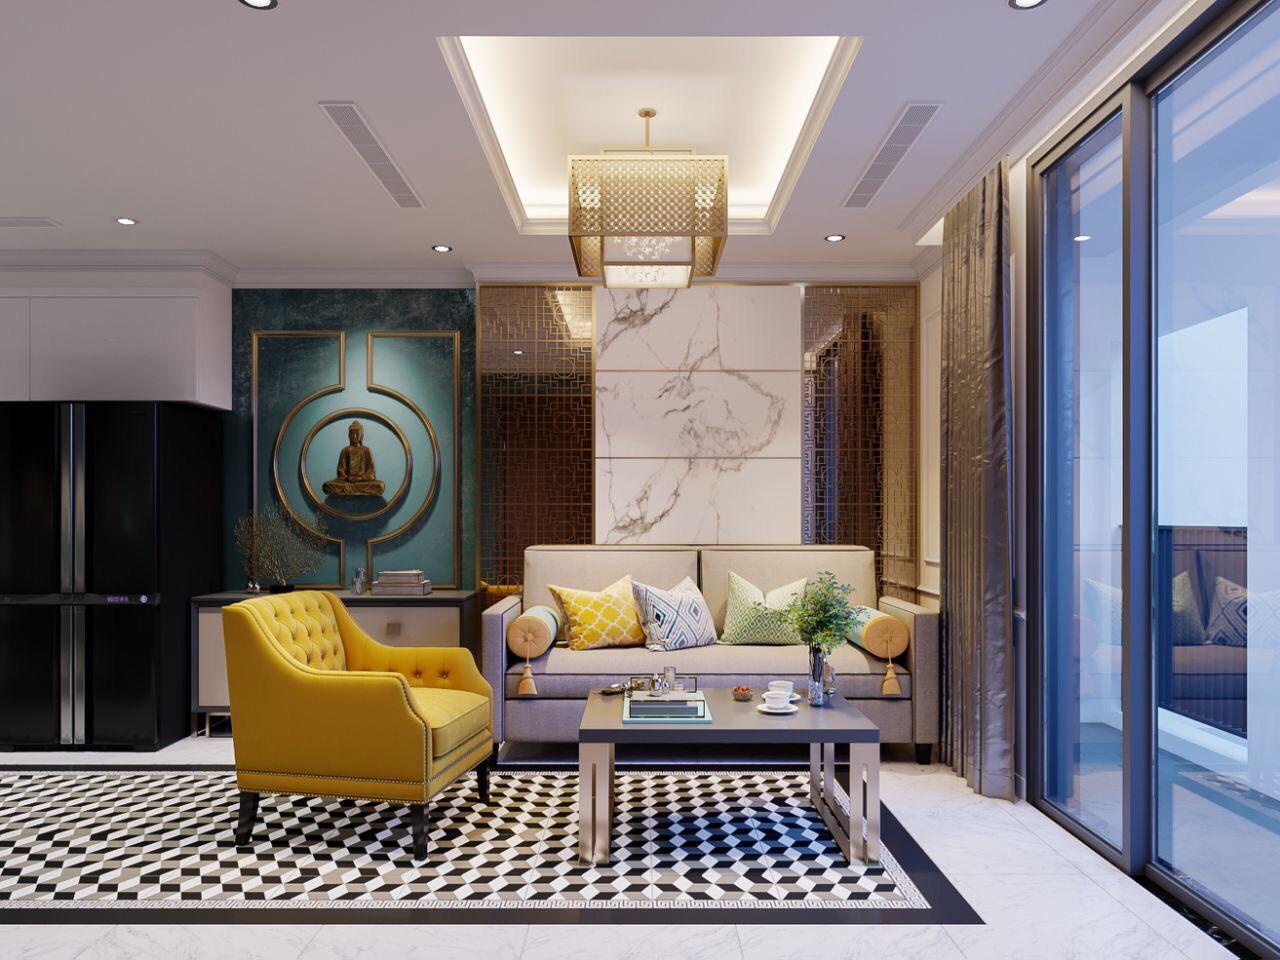 Cho thuê 1 phòng ngủ Vinhomes Central Park - ID 010127